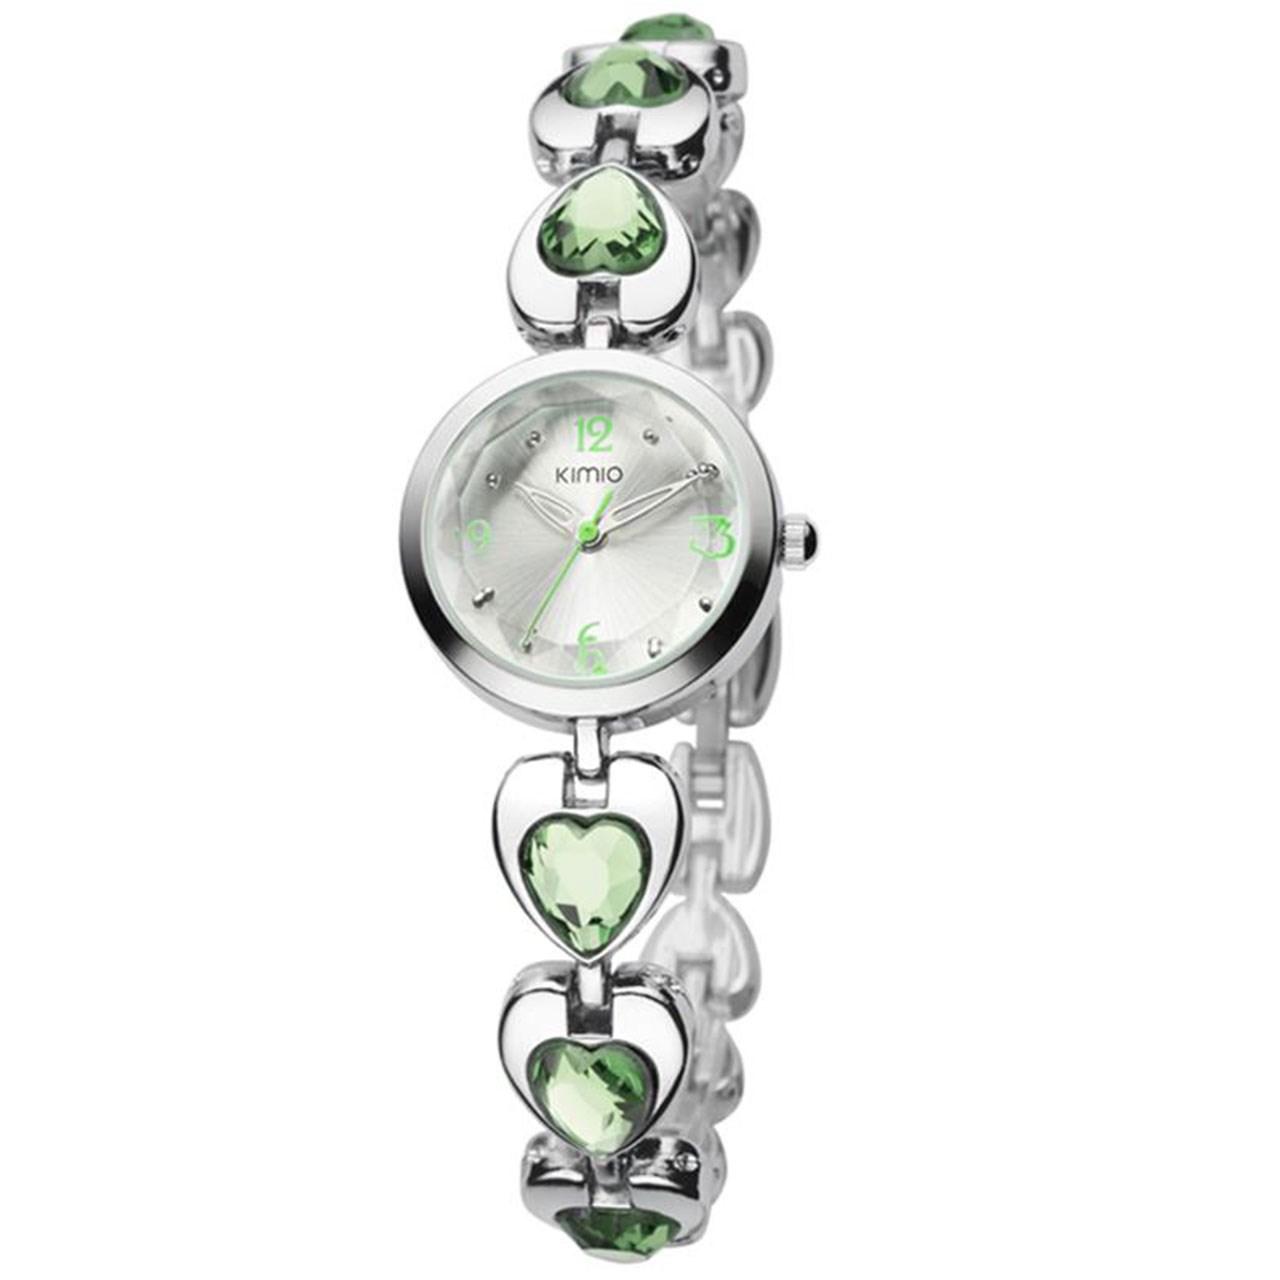 ساعت مچی عقربه ای زنانه کیمیو مدل K481L-Green